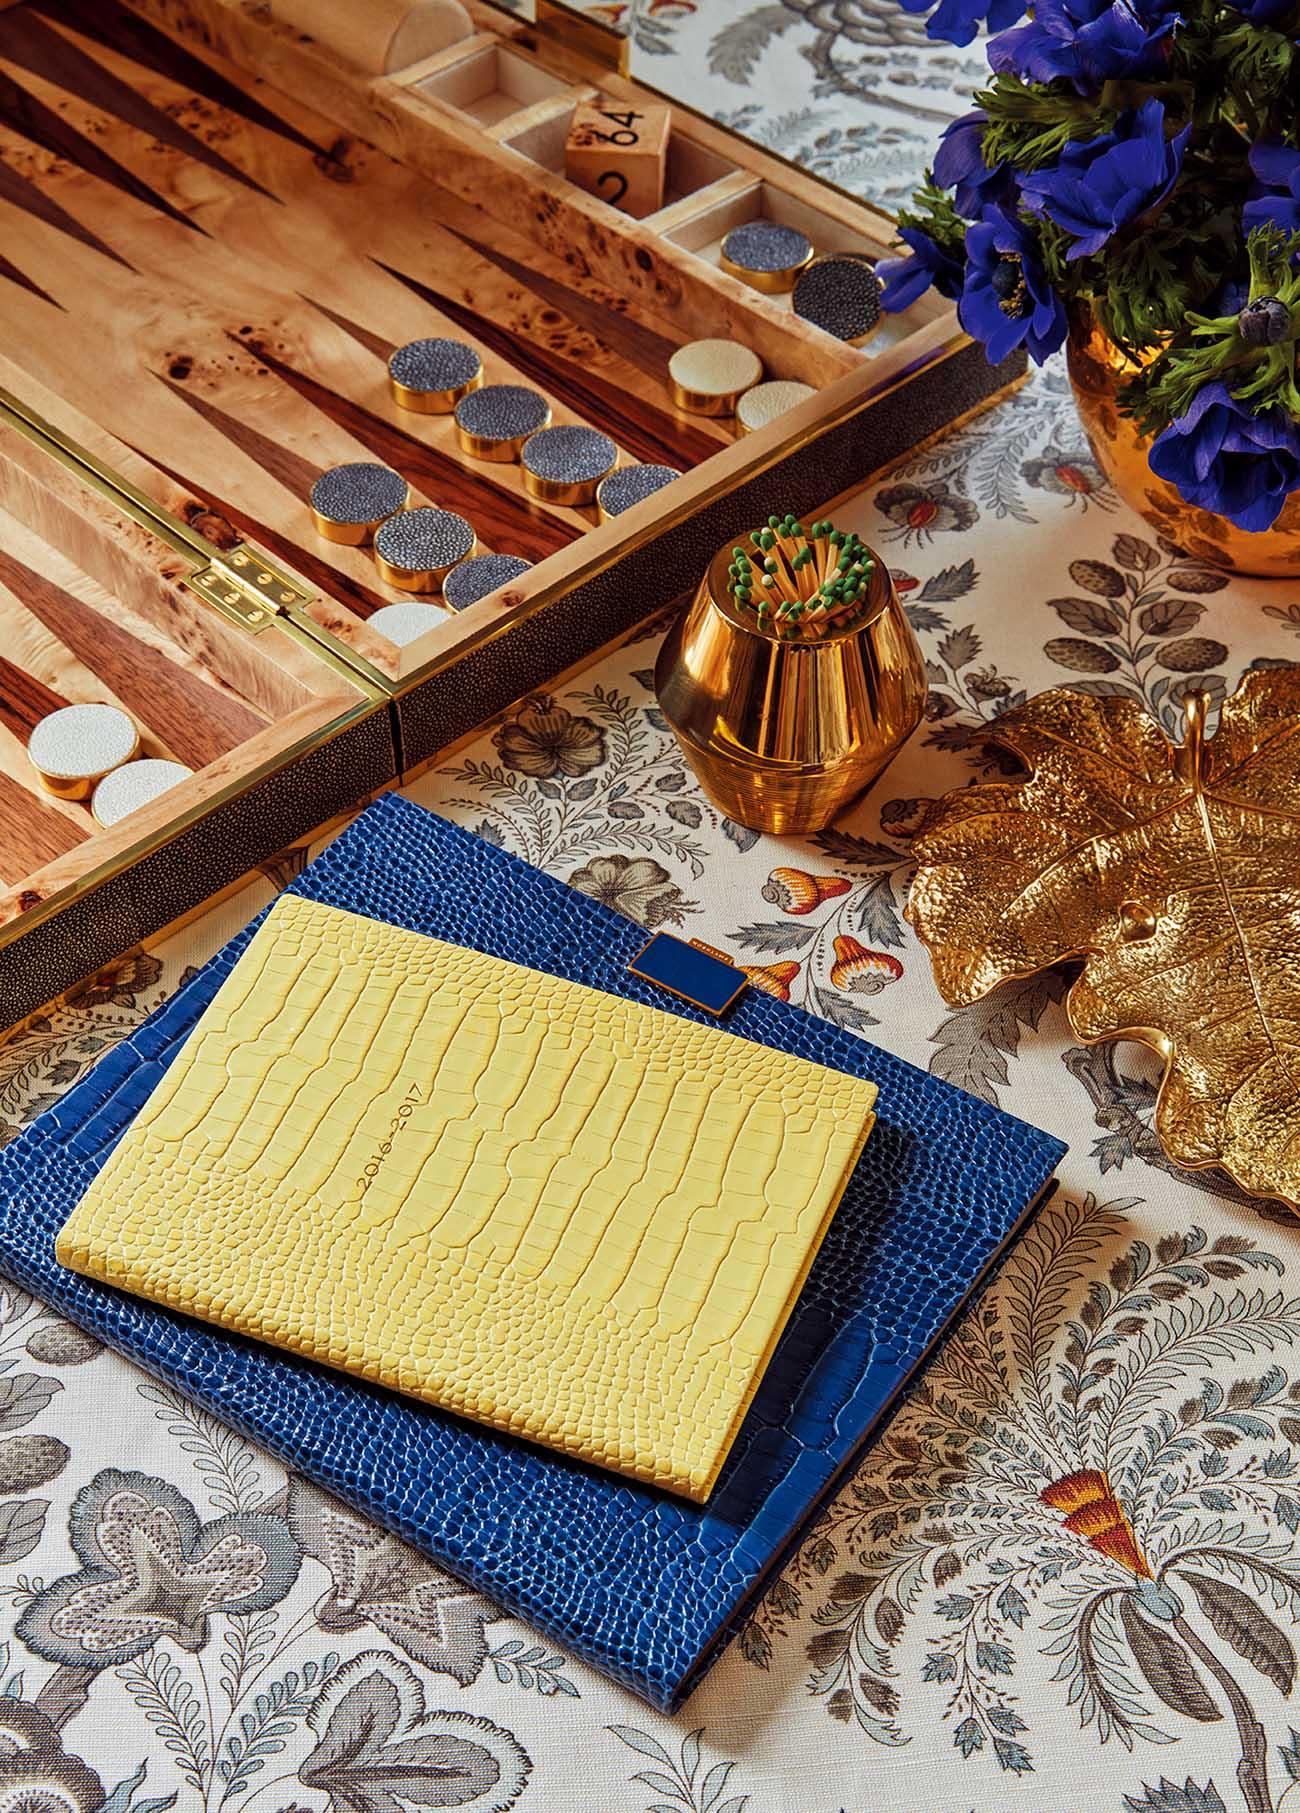 에어린의 주사위 세트, 화분 장식, 메이플 잎사귀 모양의 접시, 성냥이 담긴 소품, 그리고 스마이슨 노트들